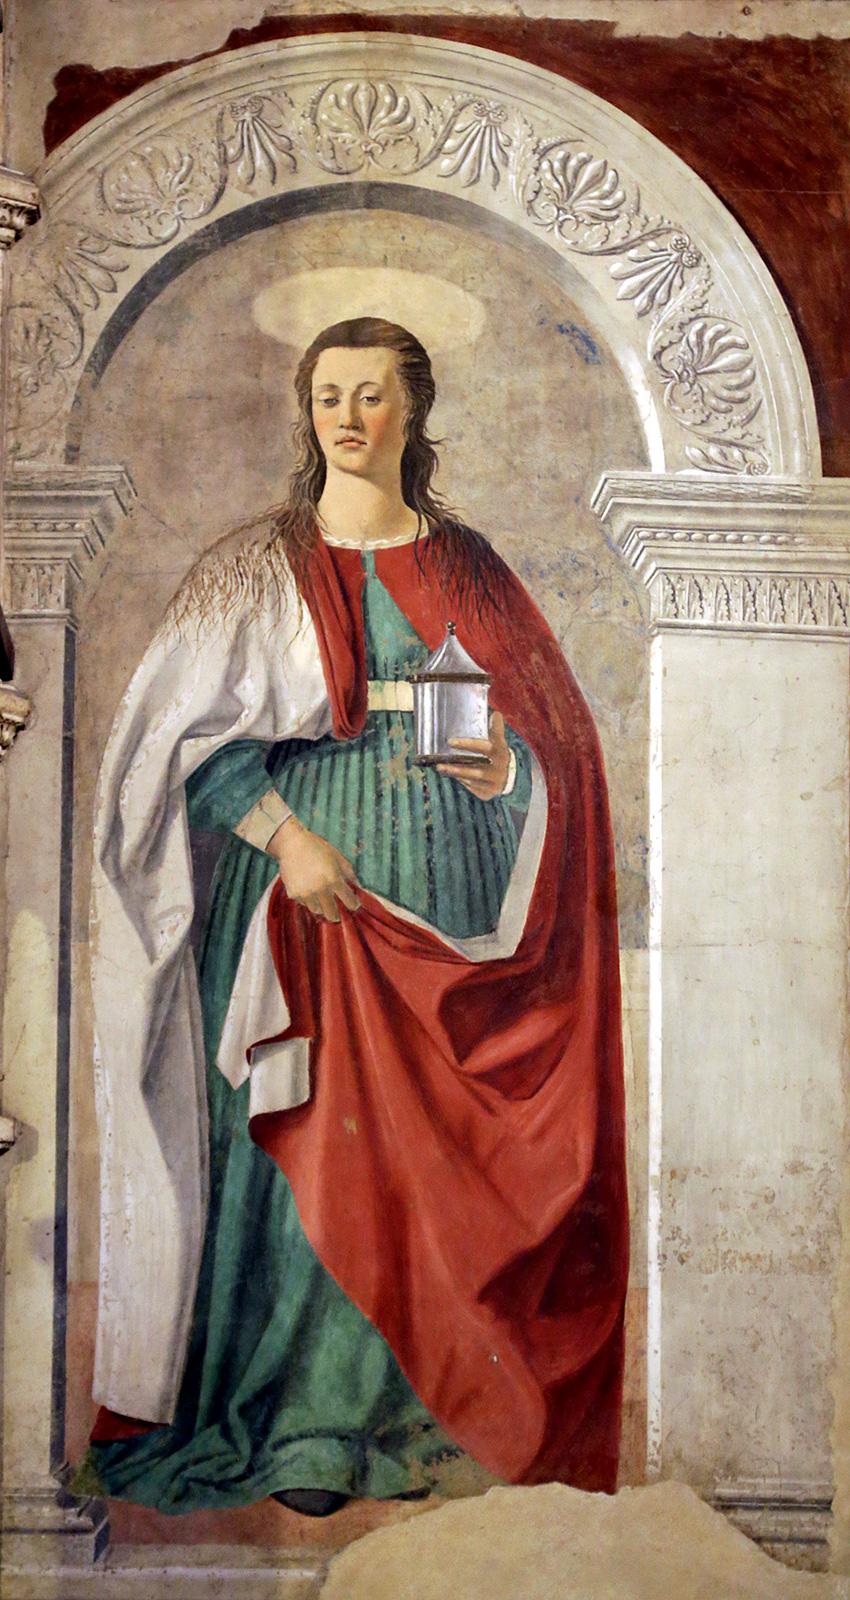 ピエロ・デラ・フランチェスカの画像 p1_21